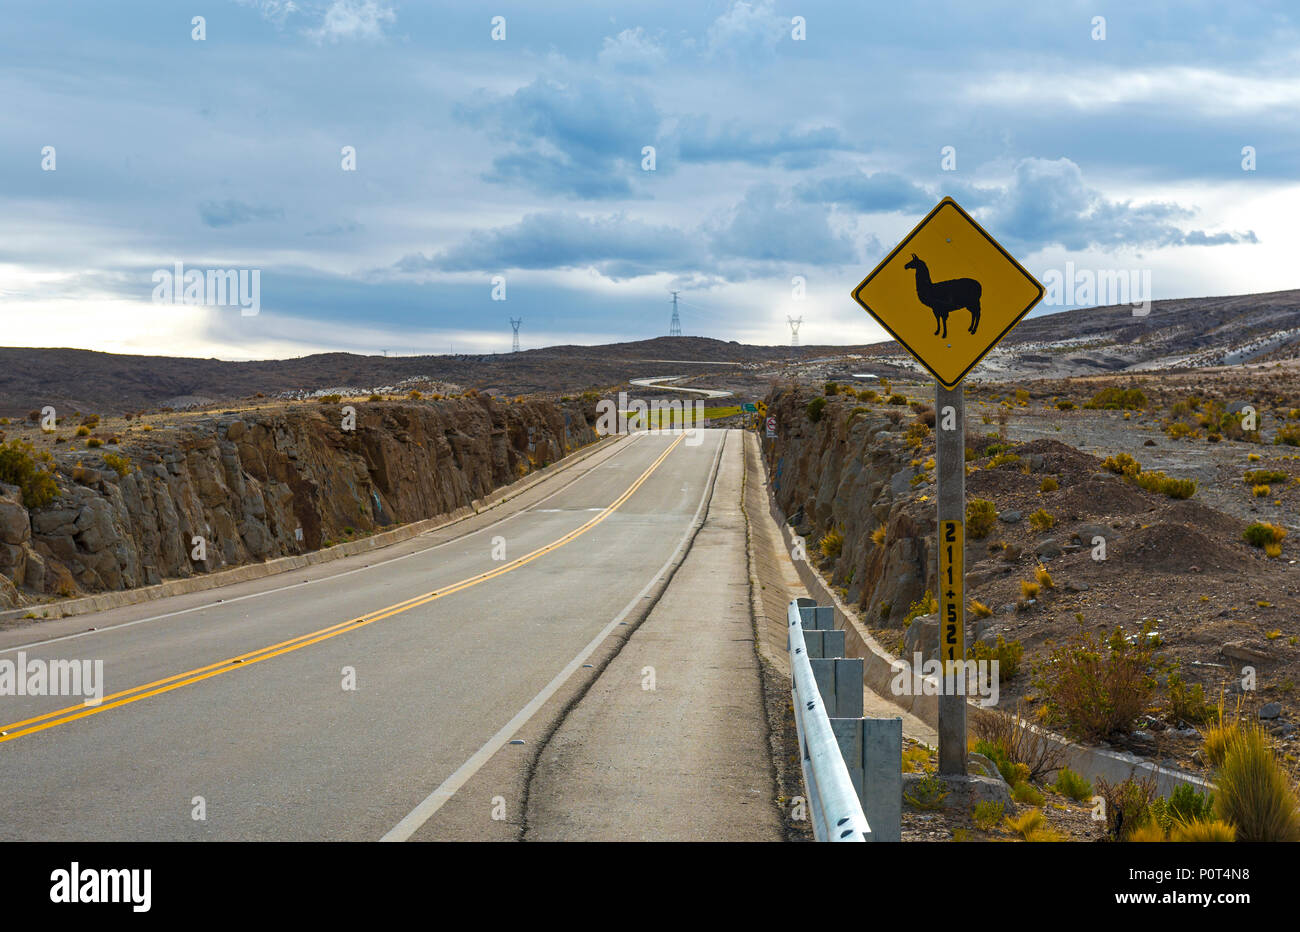 Di lama e alpaca sul cartello stradale su un telecomando in autostrada in Bolivia. Questi segni sono trovati nella Cordigliera delle Ande della Bolivia, Ecuador, Perù e Cile. Immagini Stock